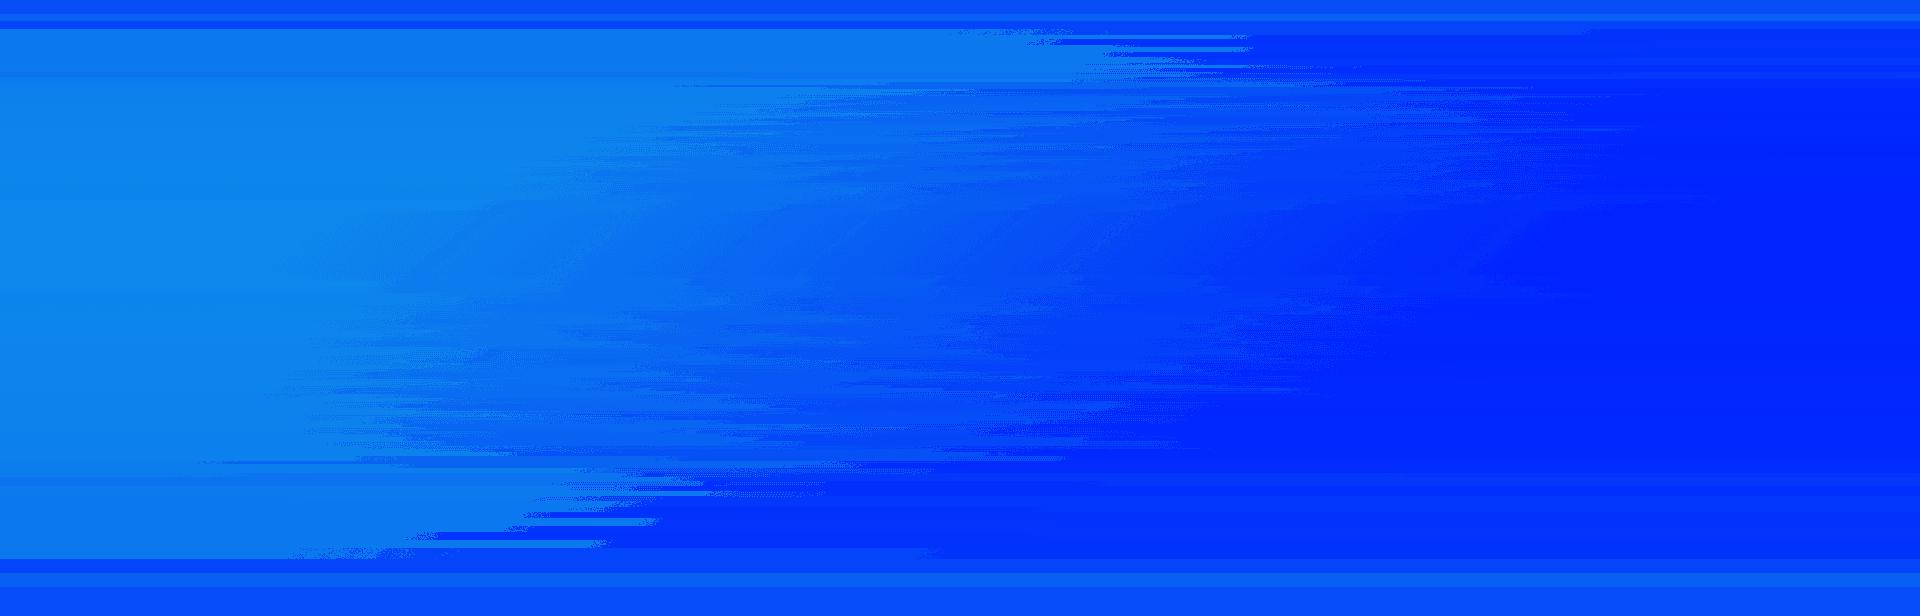 Steckerbelegung für Verbindung vom DP/RS232C-Link